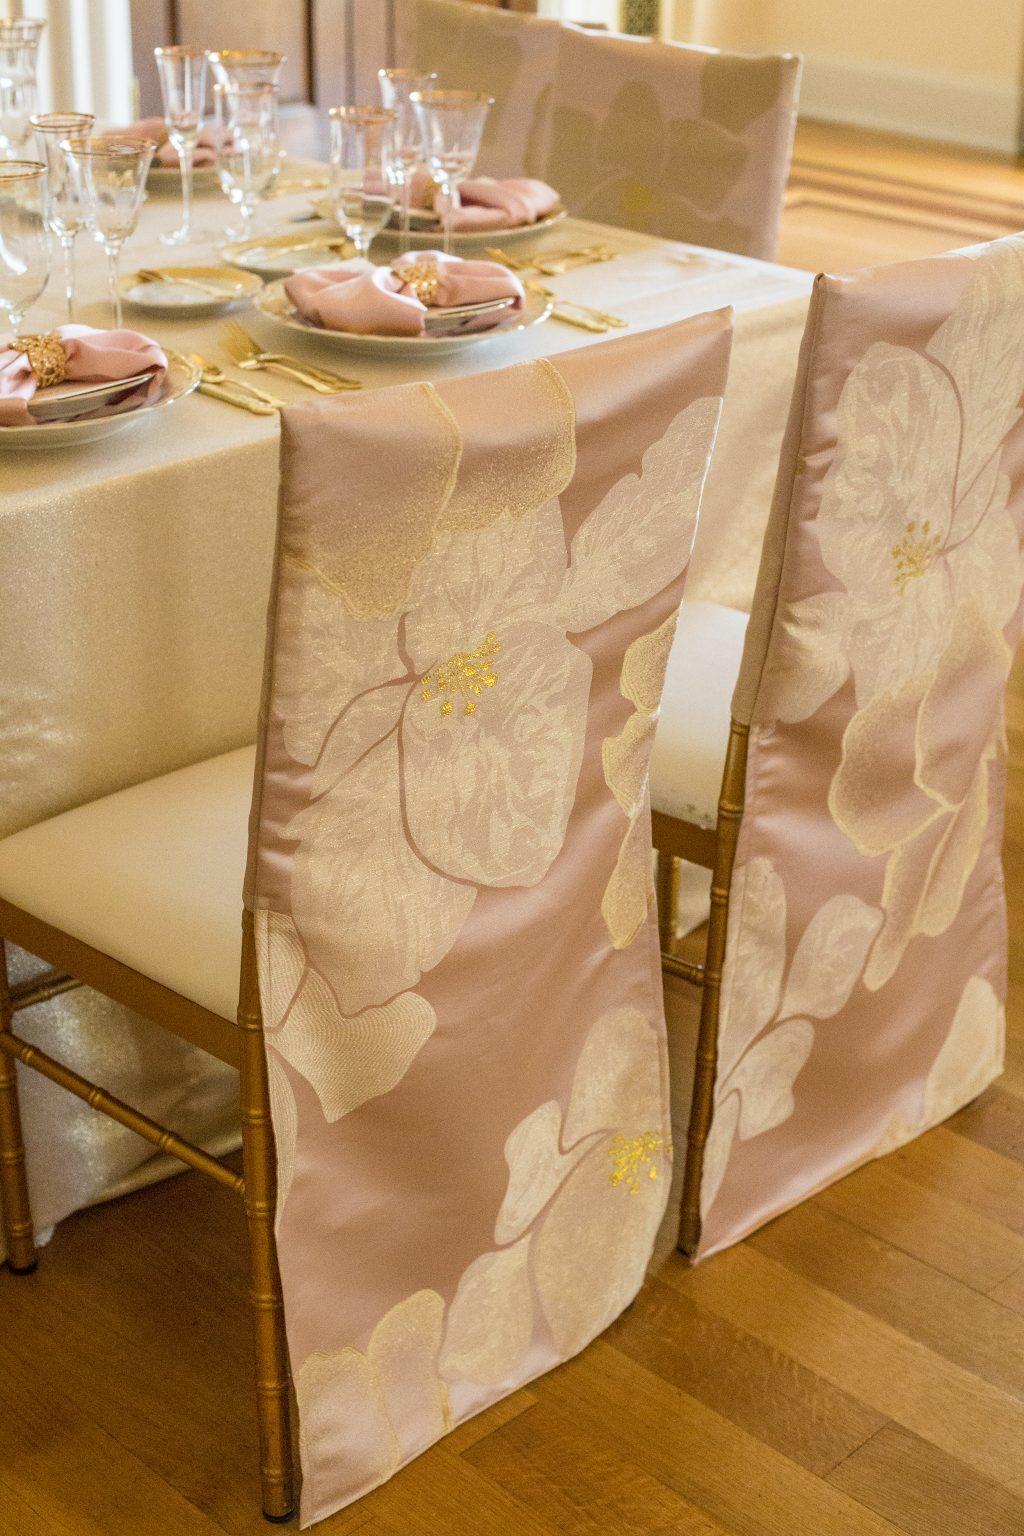 Iridium Wedding Band 97 New Design dinnerware and accessories